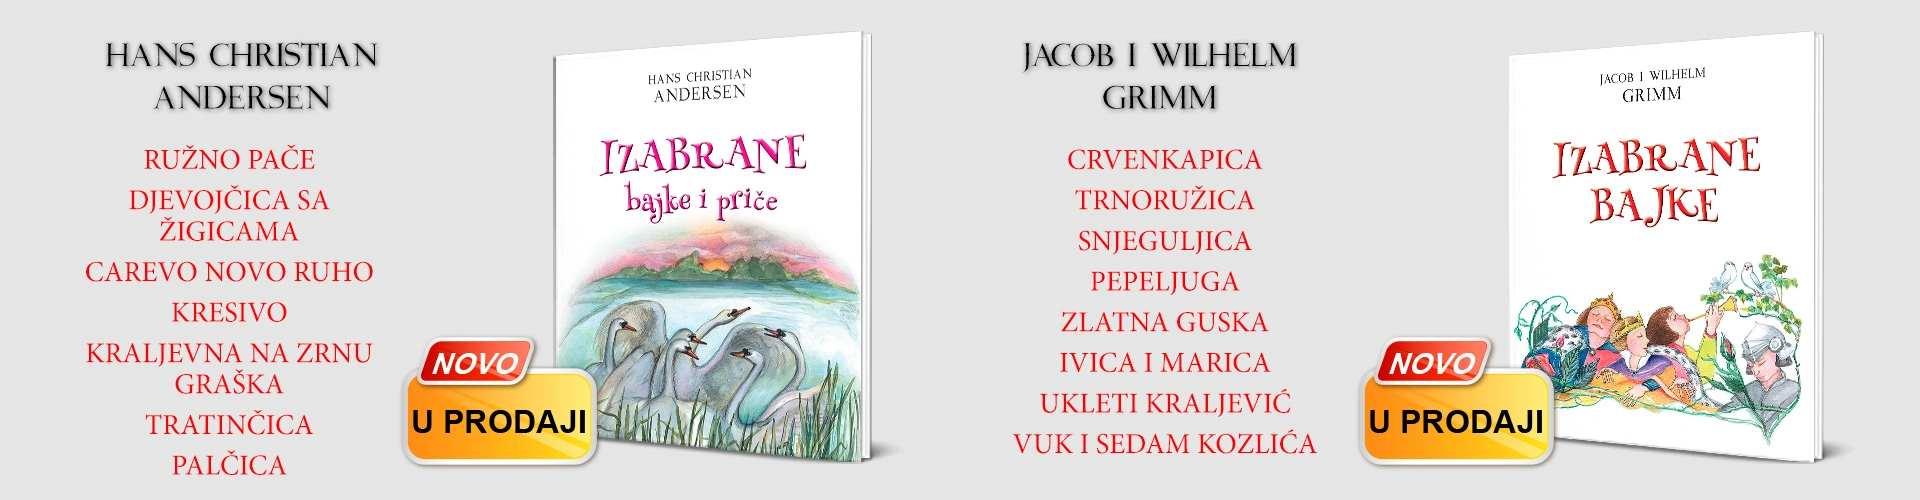 Grimm Andersen Izabrane Bajke